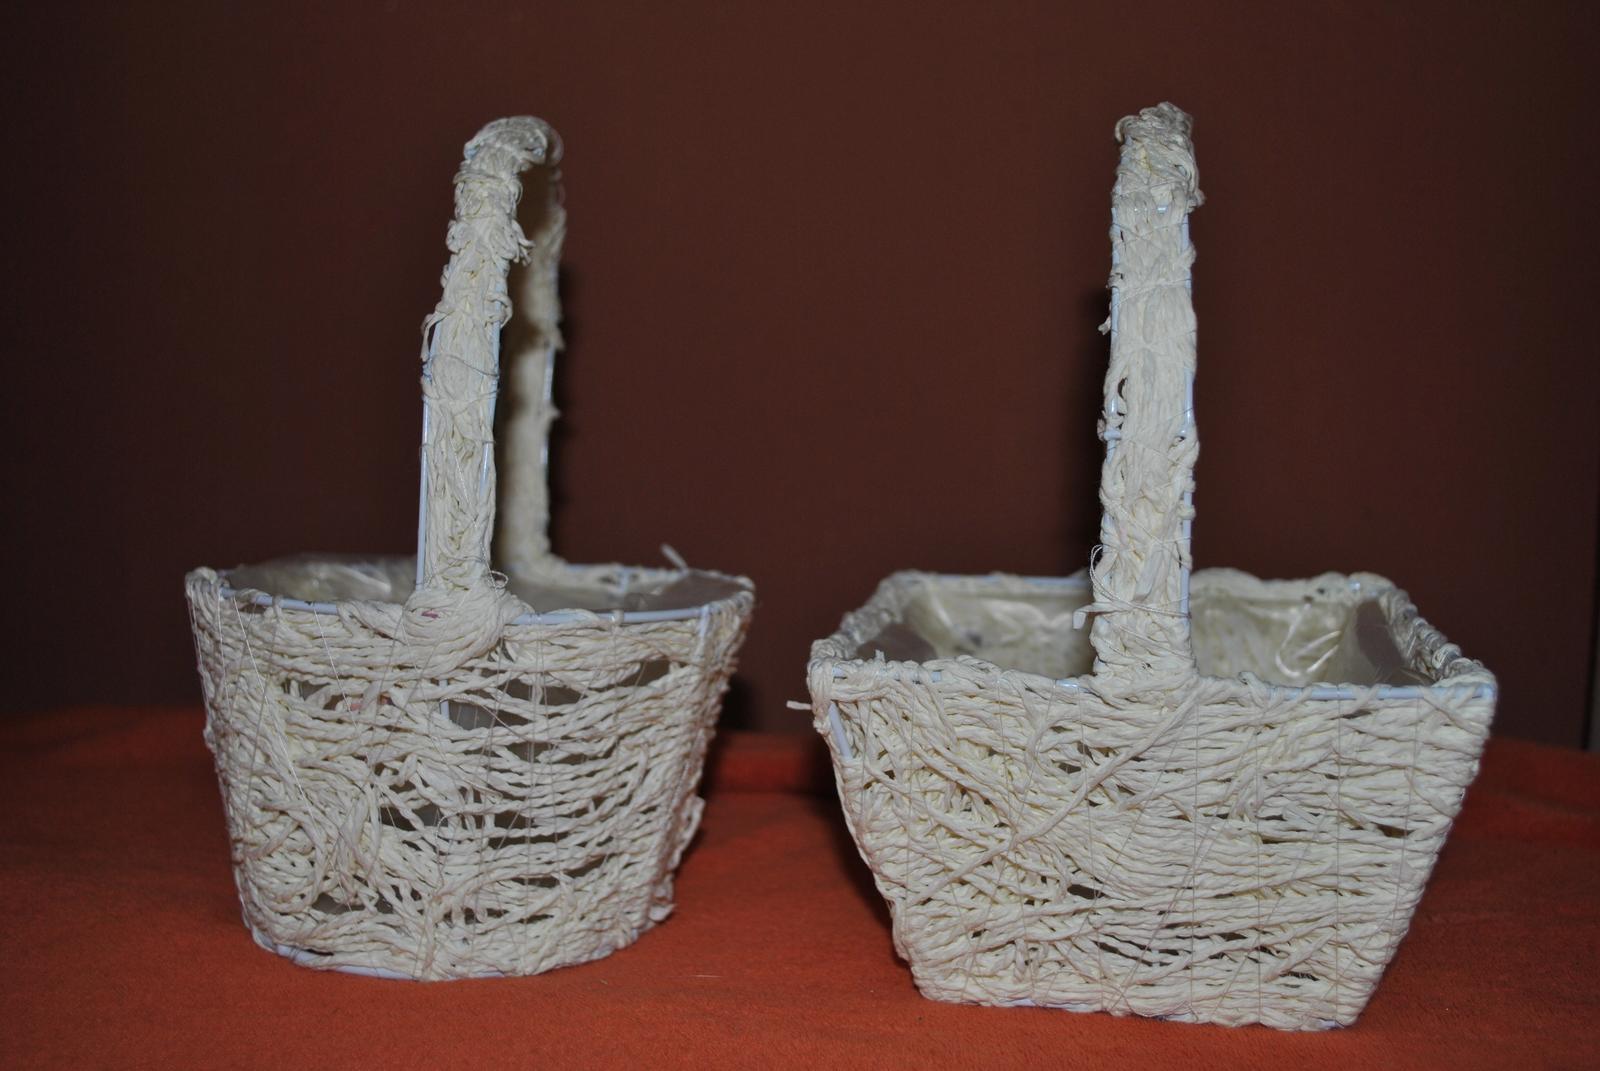 Svatební košíčky na květy  - Obrázek č. 1